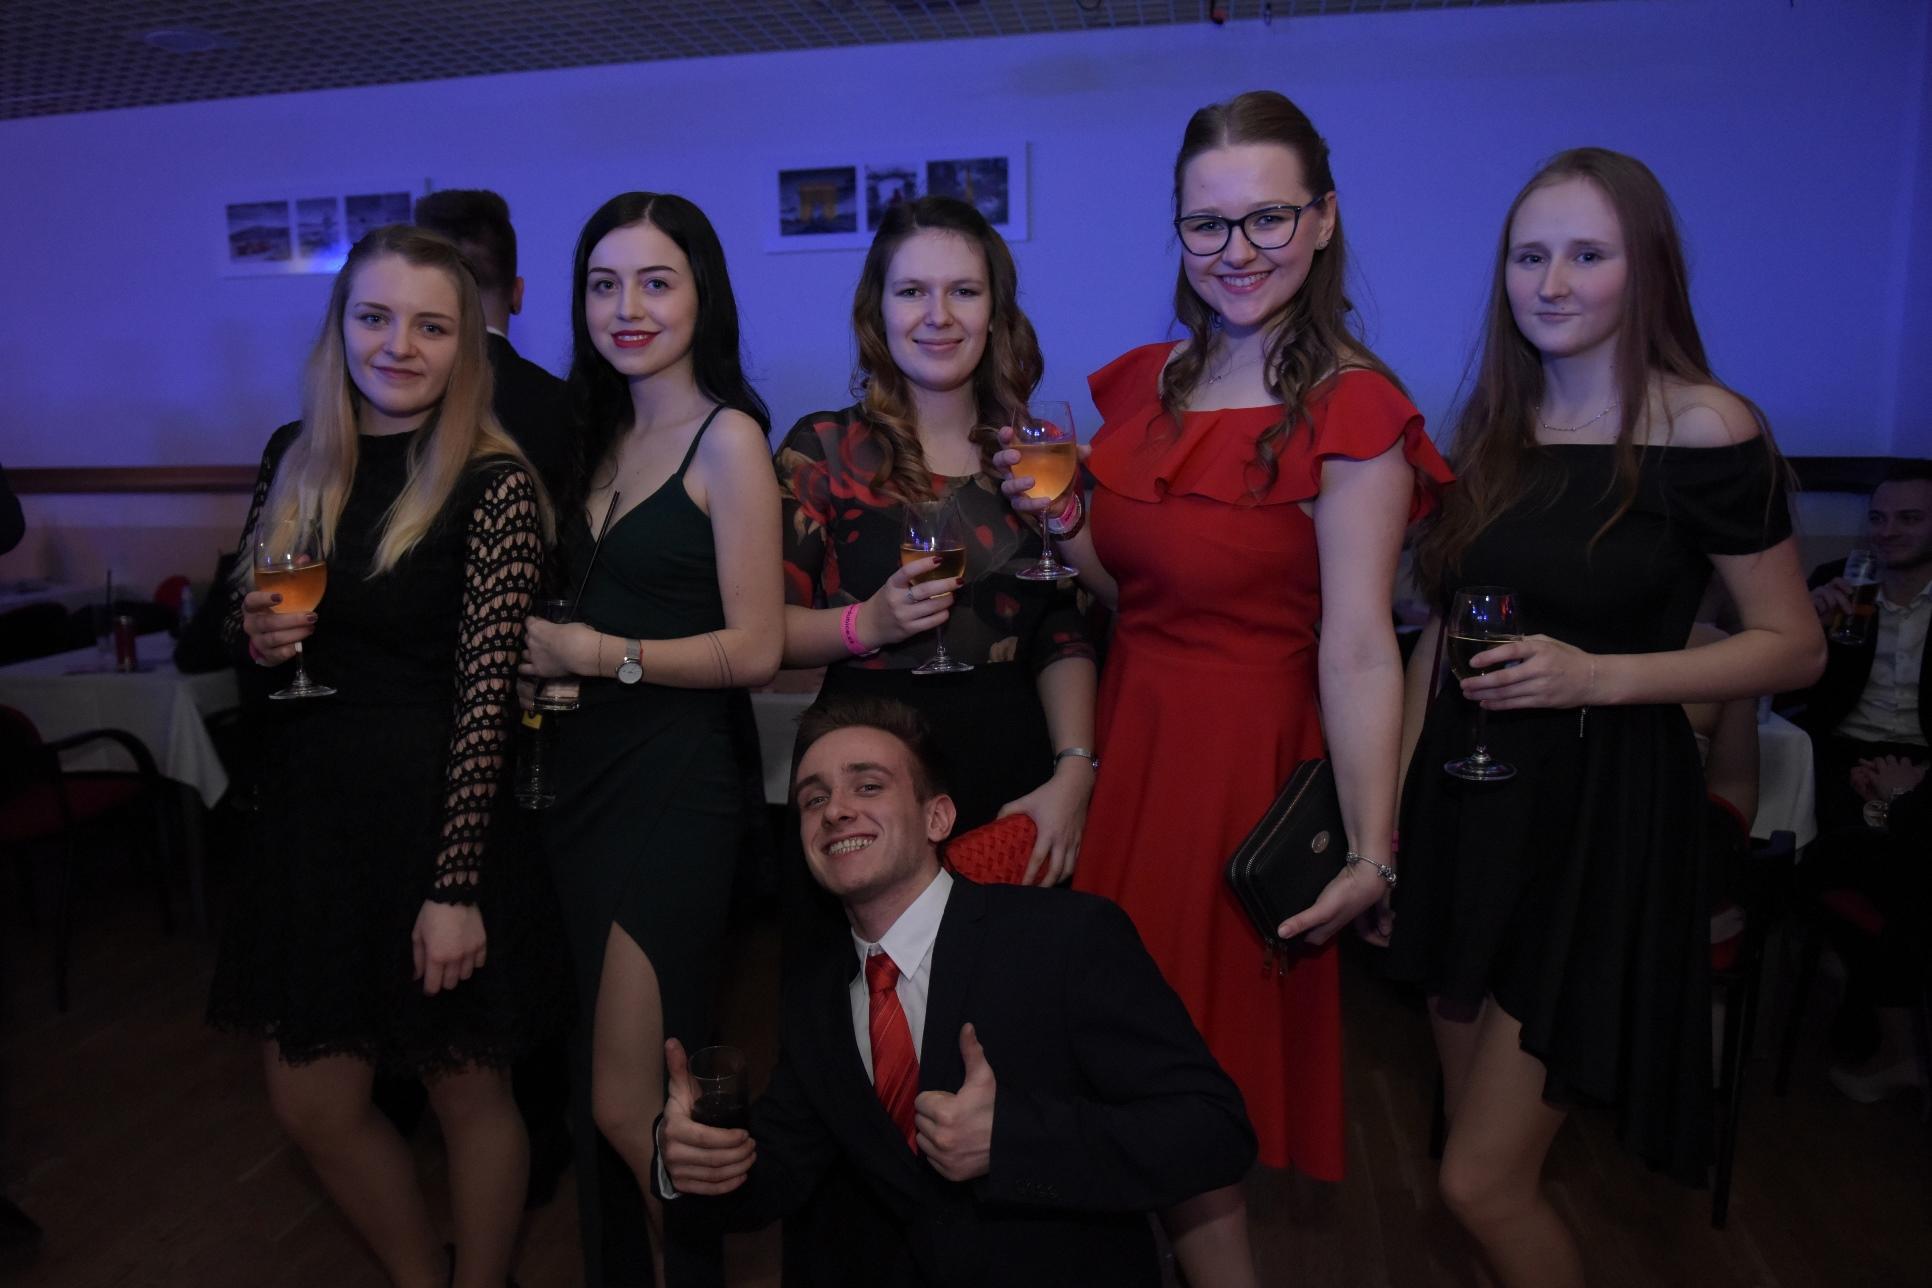 Studentský ples Univerzity Pardubice 2019